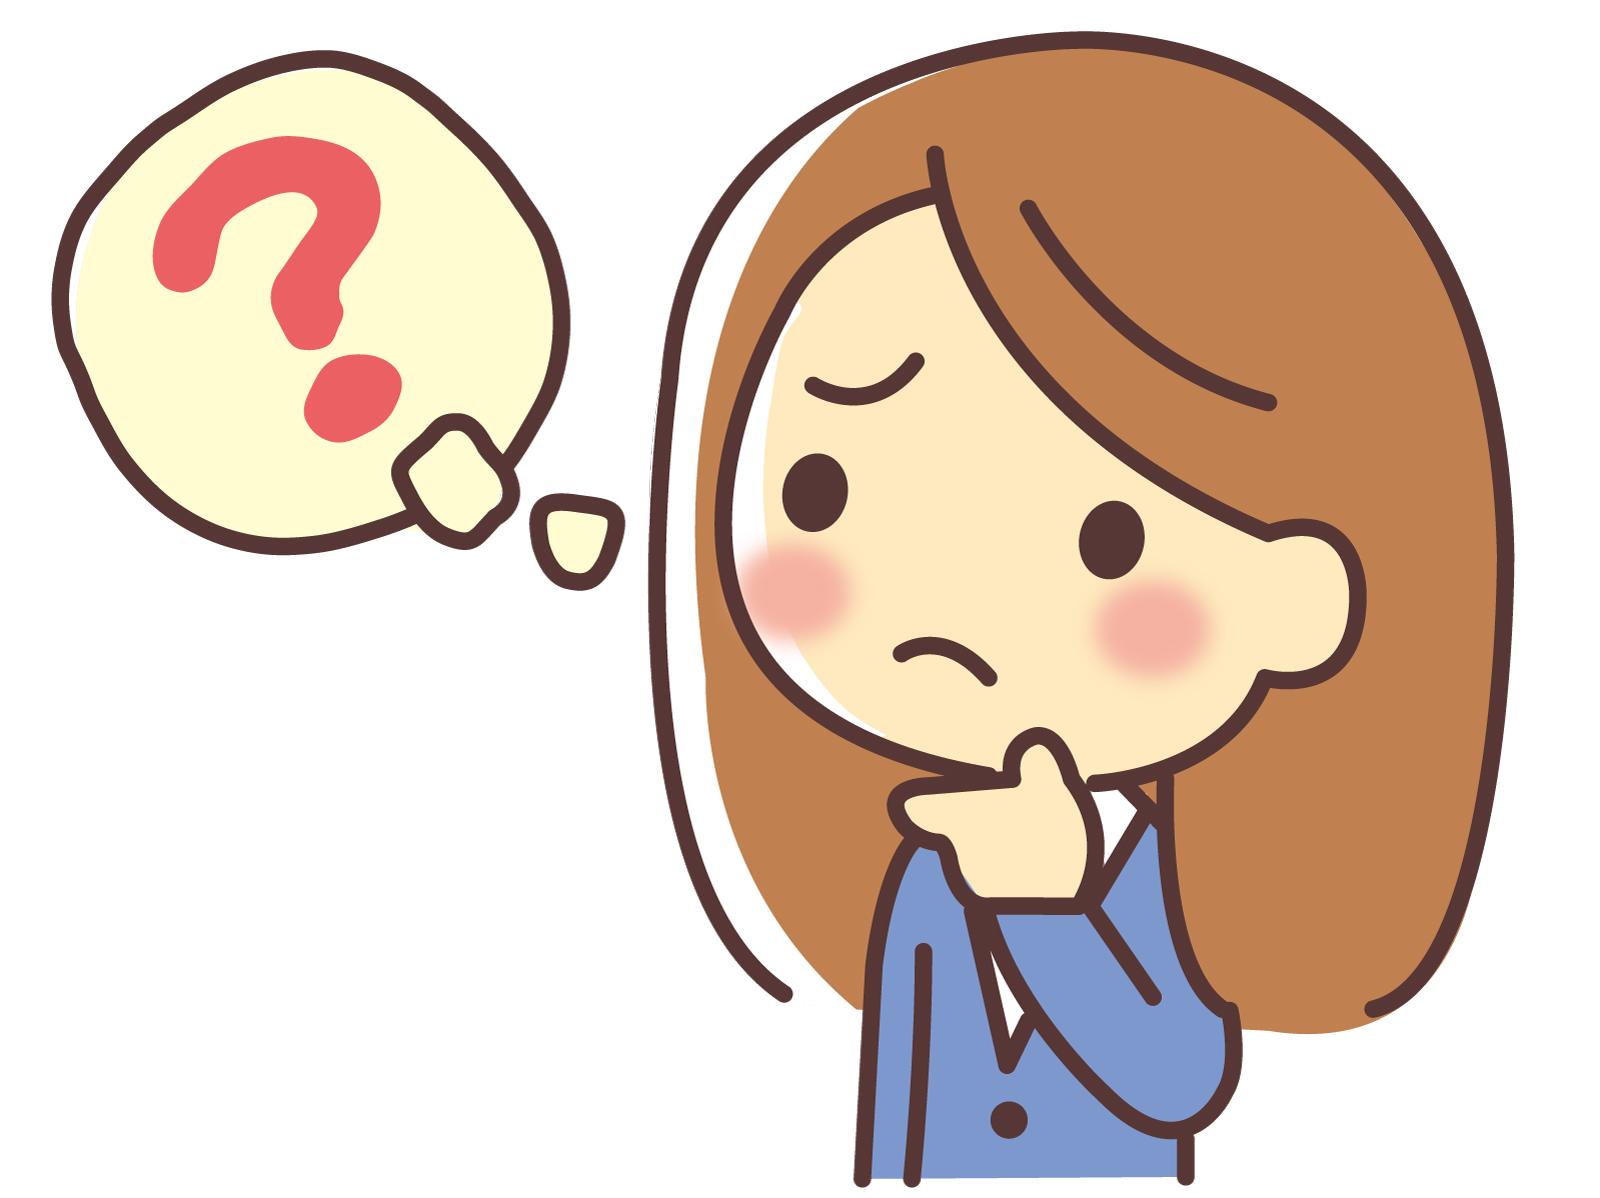 蛭子能収が診断を受けた軽度認知障害とは。認知症との違いは